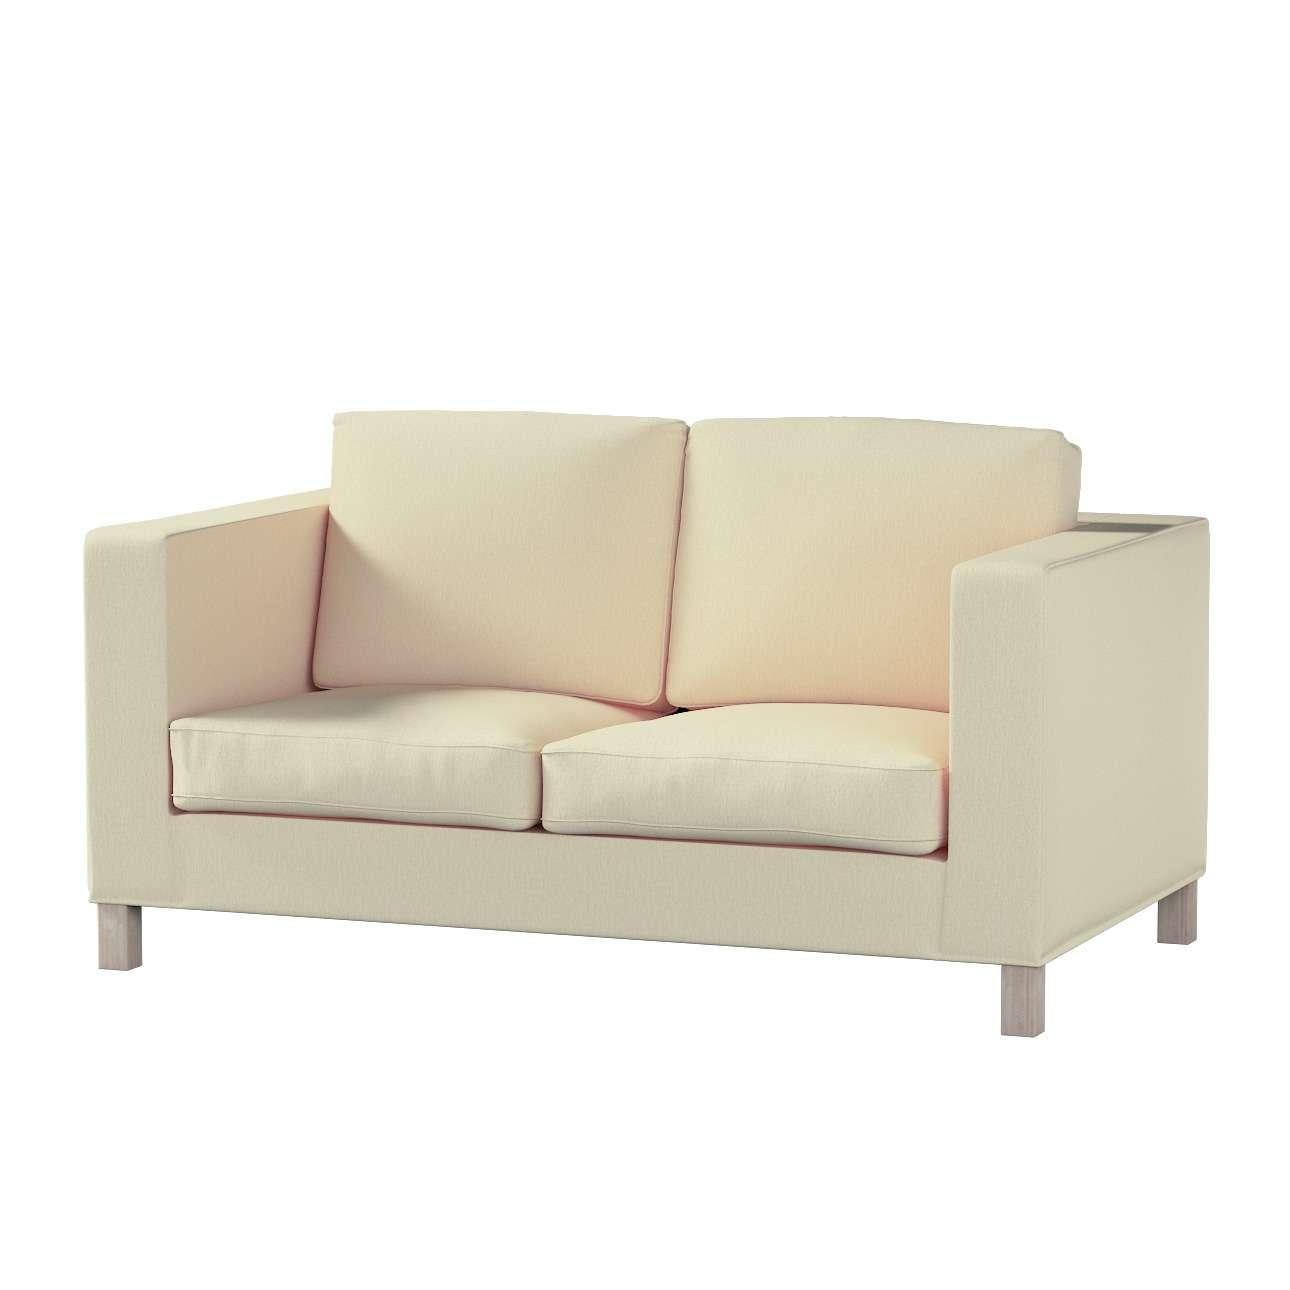 Pokrowiec na sofę Karlanda 2-osobową nierozkładaną, krótki w kolekcji Chenille, tkanina: 702-22